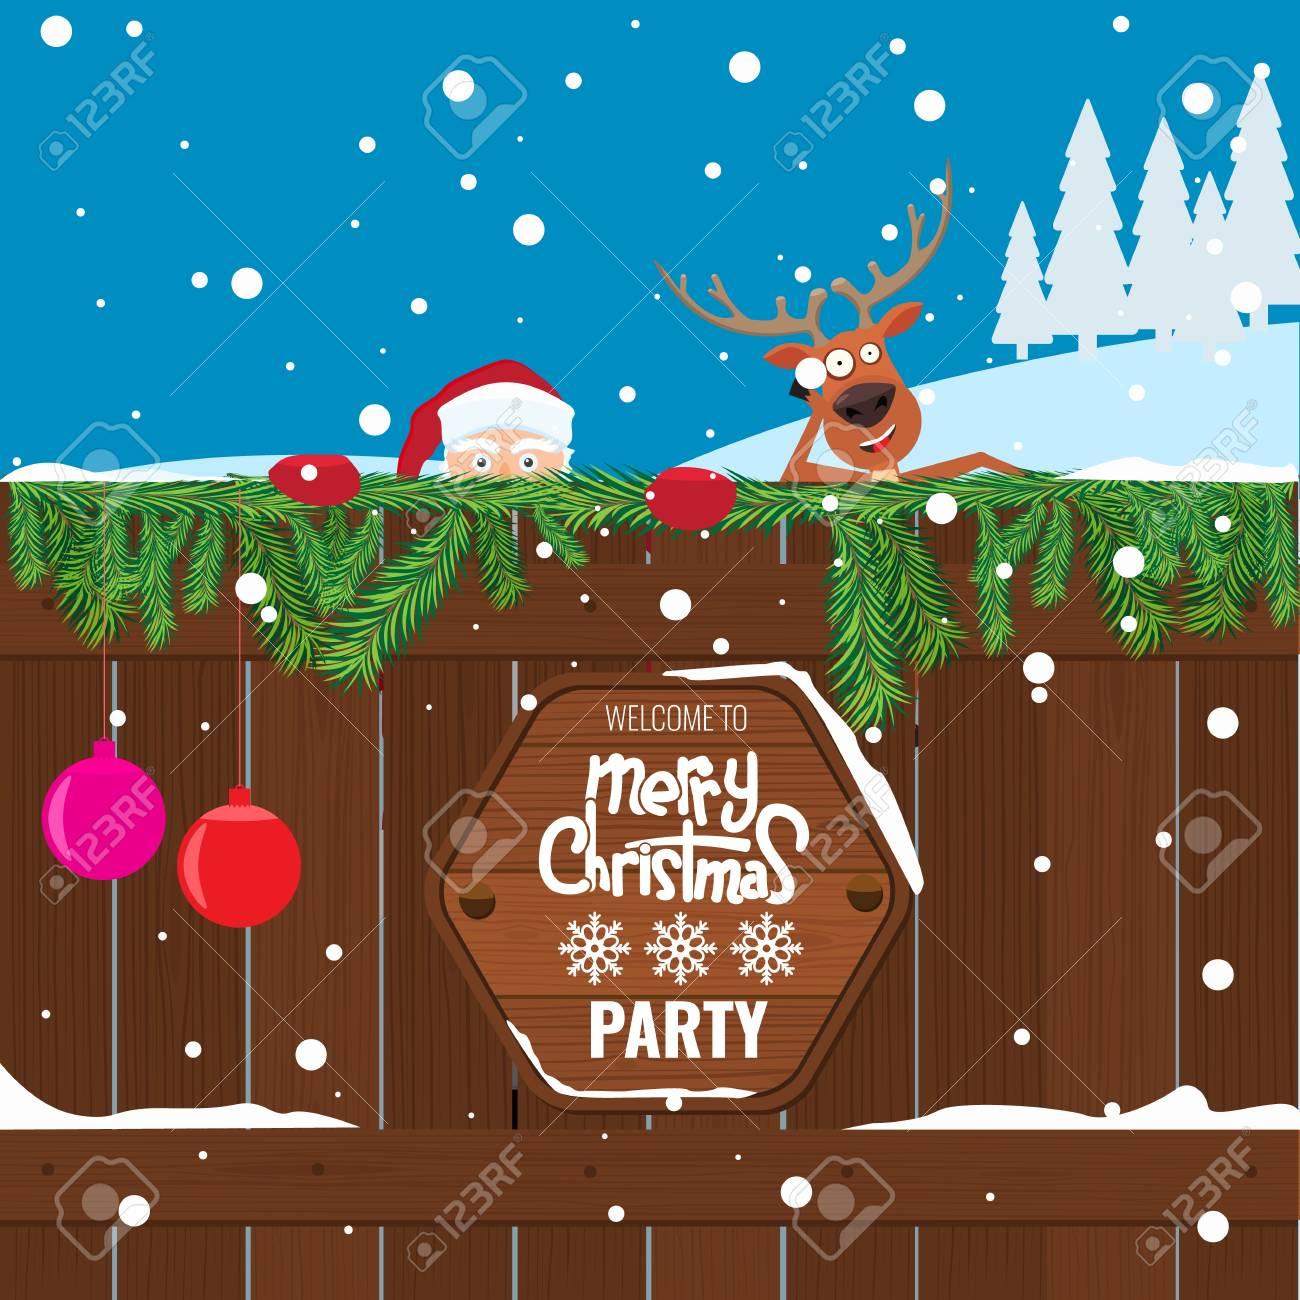 Weihnachtsfest-Plakat-Design-Vorlage. Cartoon-Stil Lustige ...